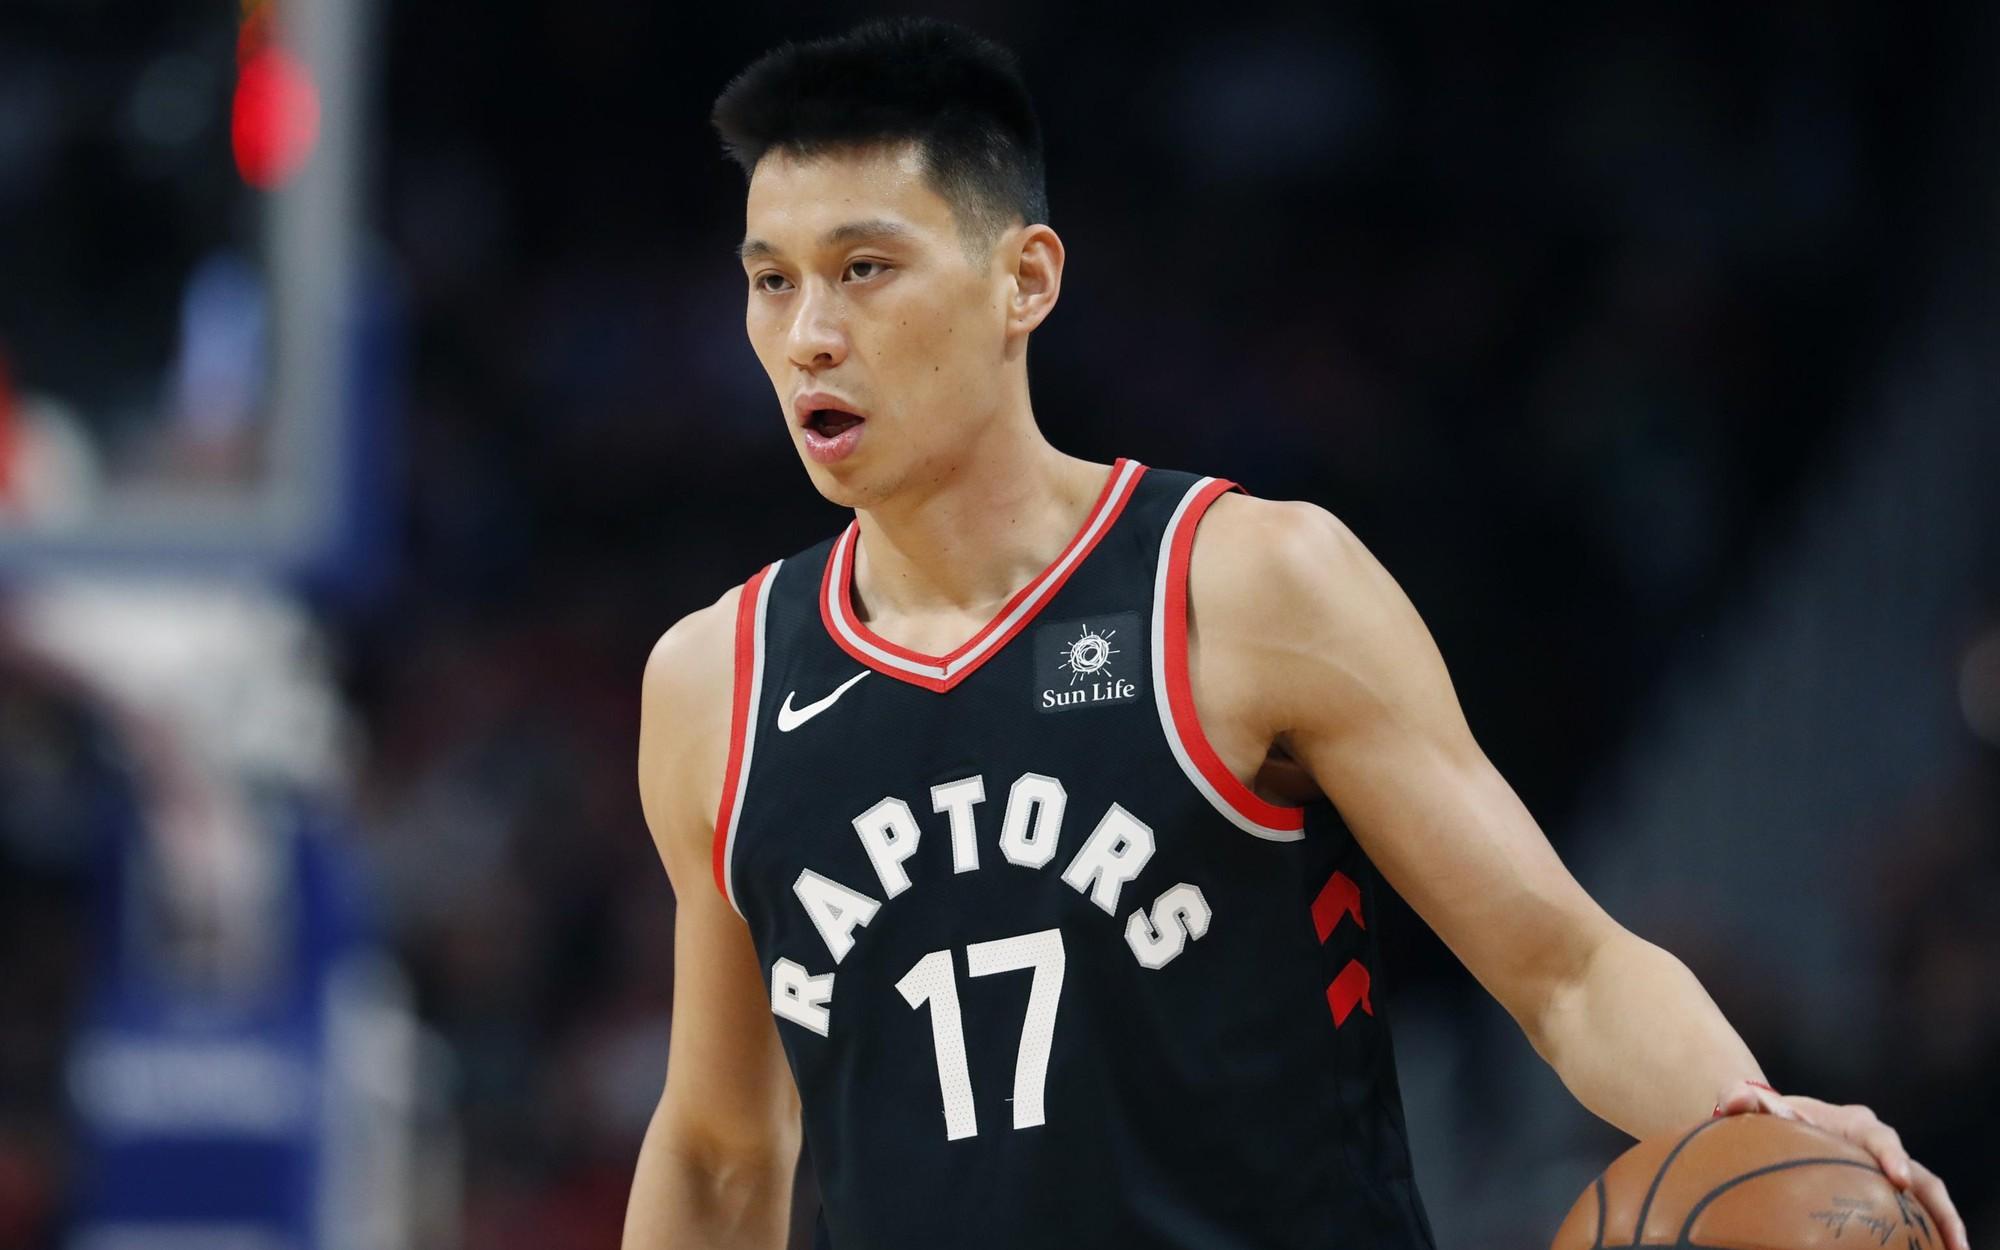 Thất sủng tại NBA, đội bóng quê hương dang tay chào đón Jeremy Lin